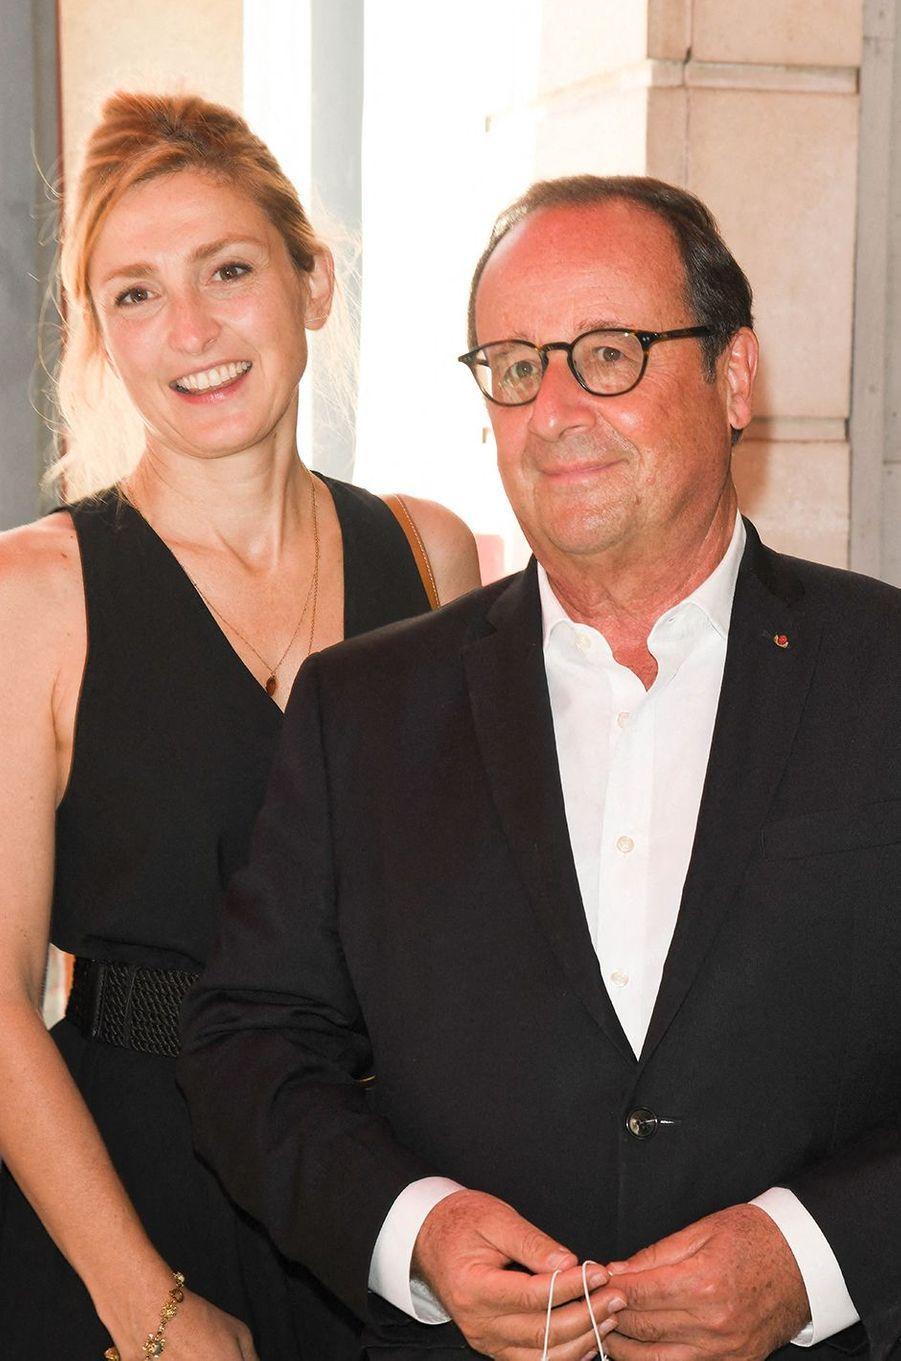 En novembre 2020, le couple de Julie Gayet et François Hollande a été au coeur de rumeurs d'infidélités après que l'ancien président a été photographié lors d'une promenade au côté d'une danseuse. Les photos volées sont parues dans un magazine people. Une «affaire» infondée. L'actrice et l'ex-chef d'Etat sont toujours aussi amoureux.